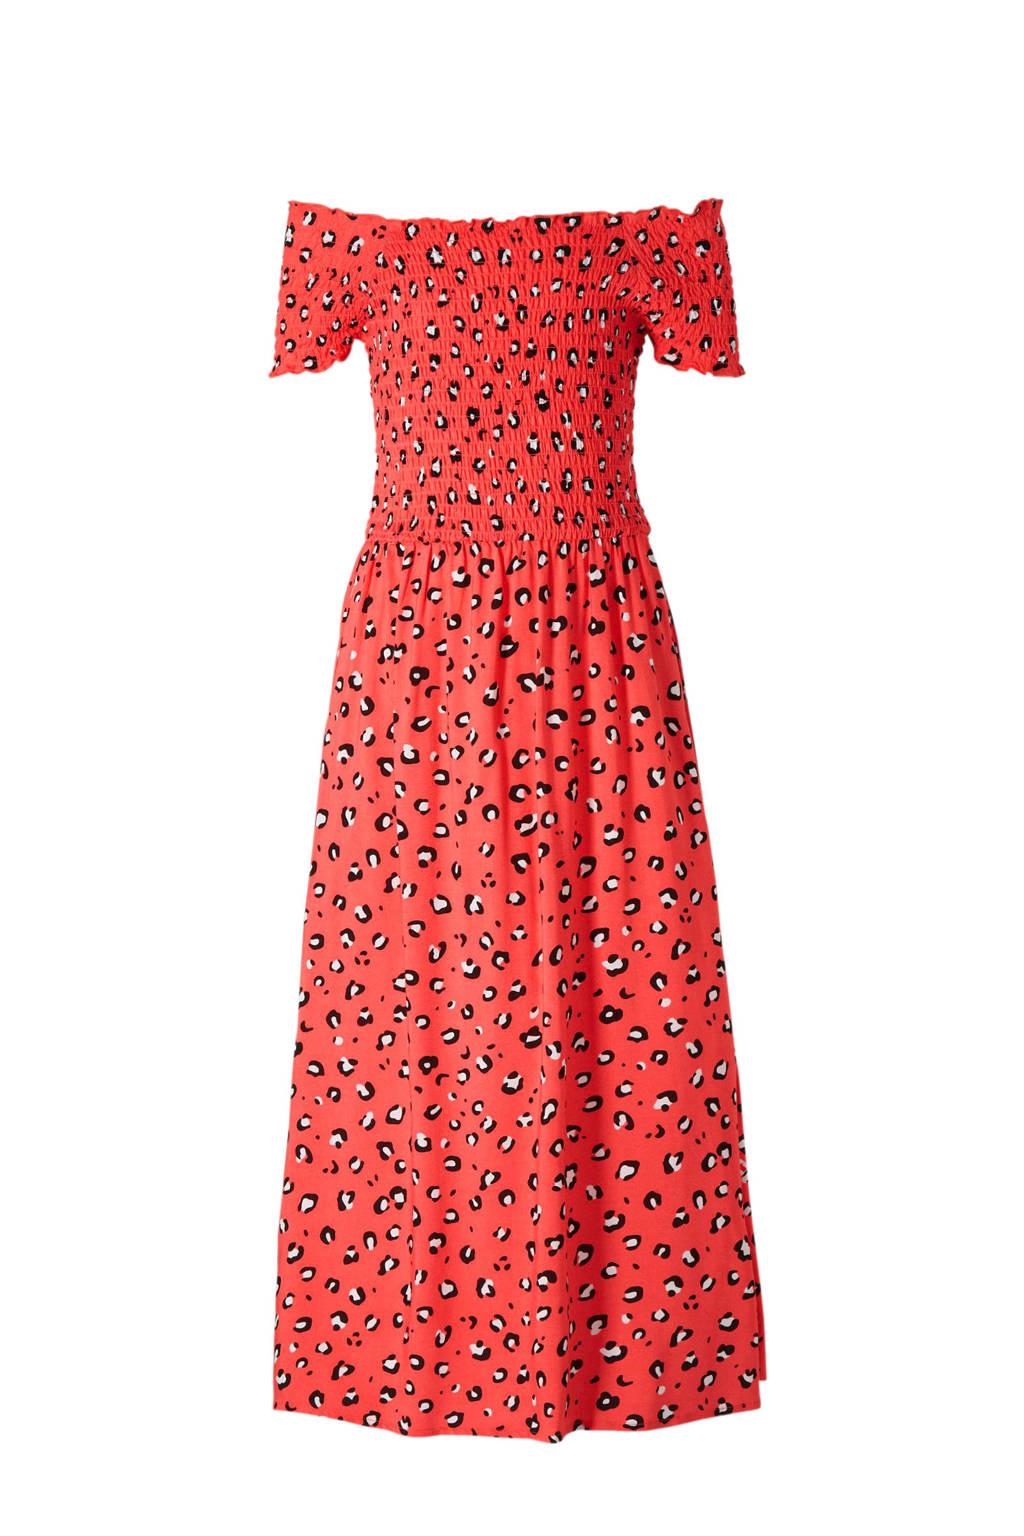 C&A Here & There off shoulder jurk met panterprint koraal, Koraalrood